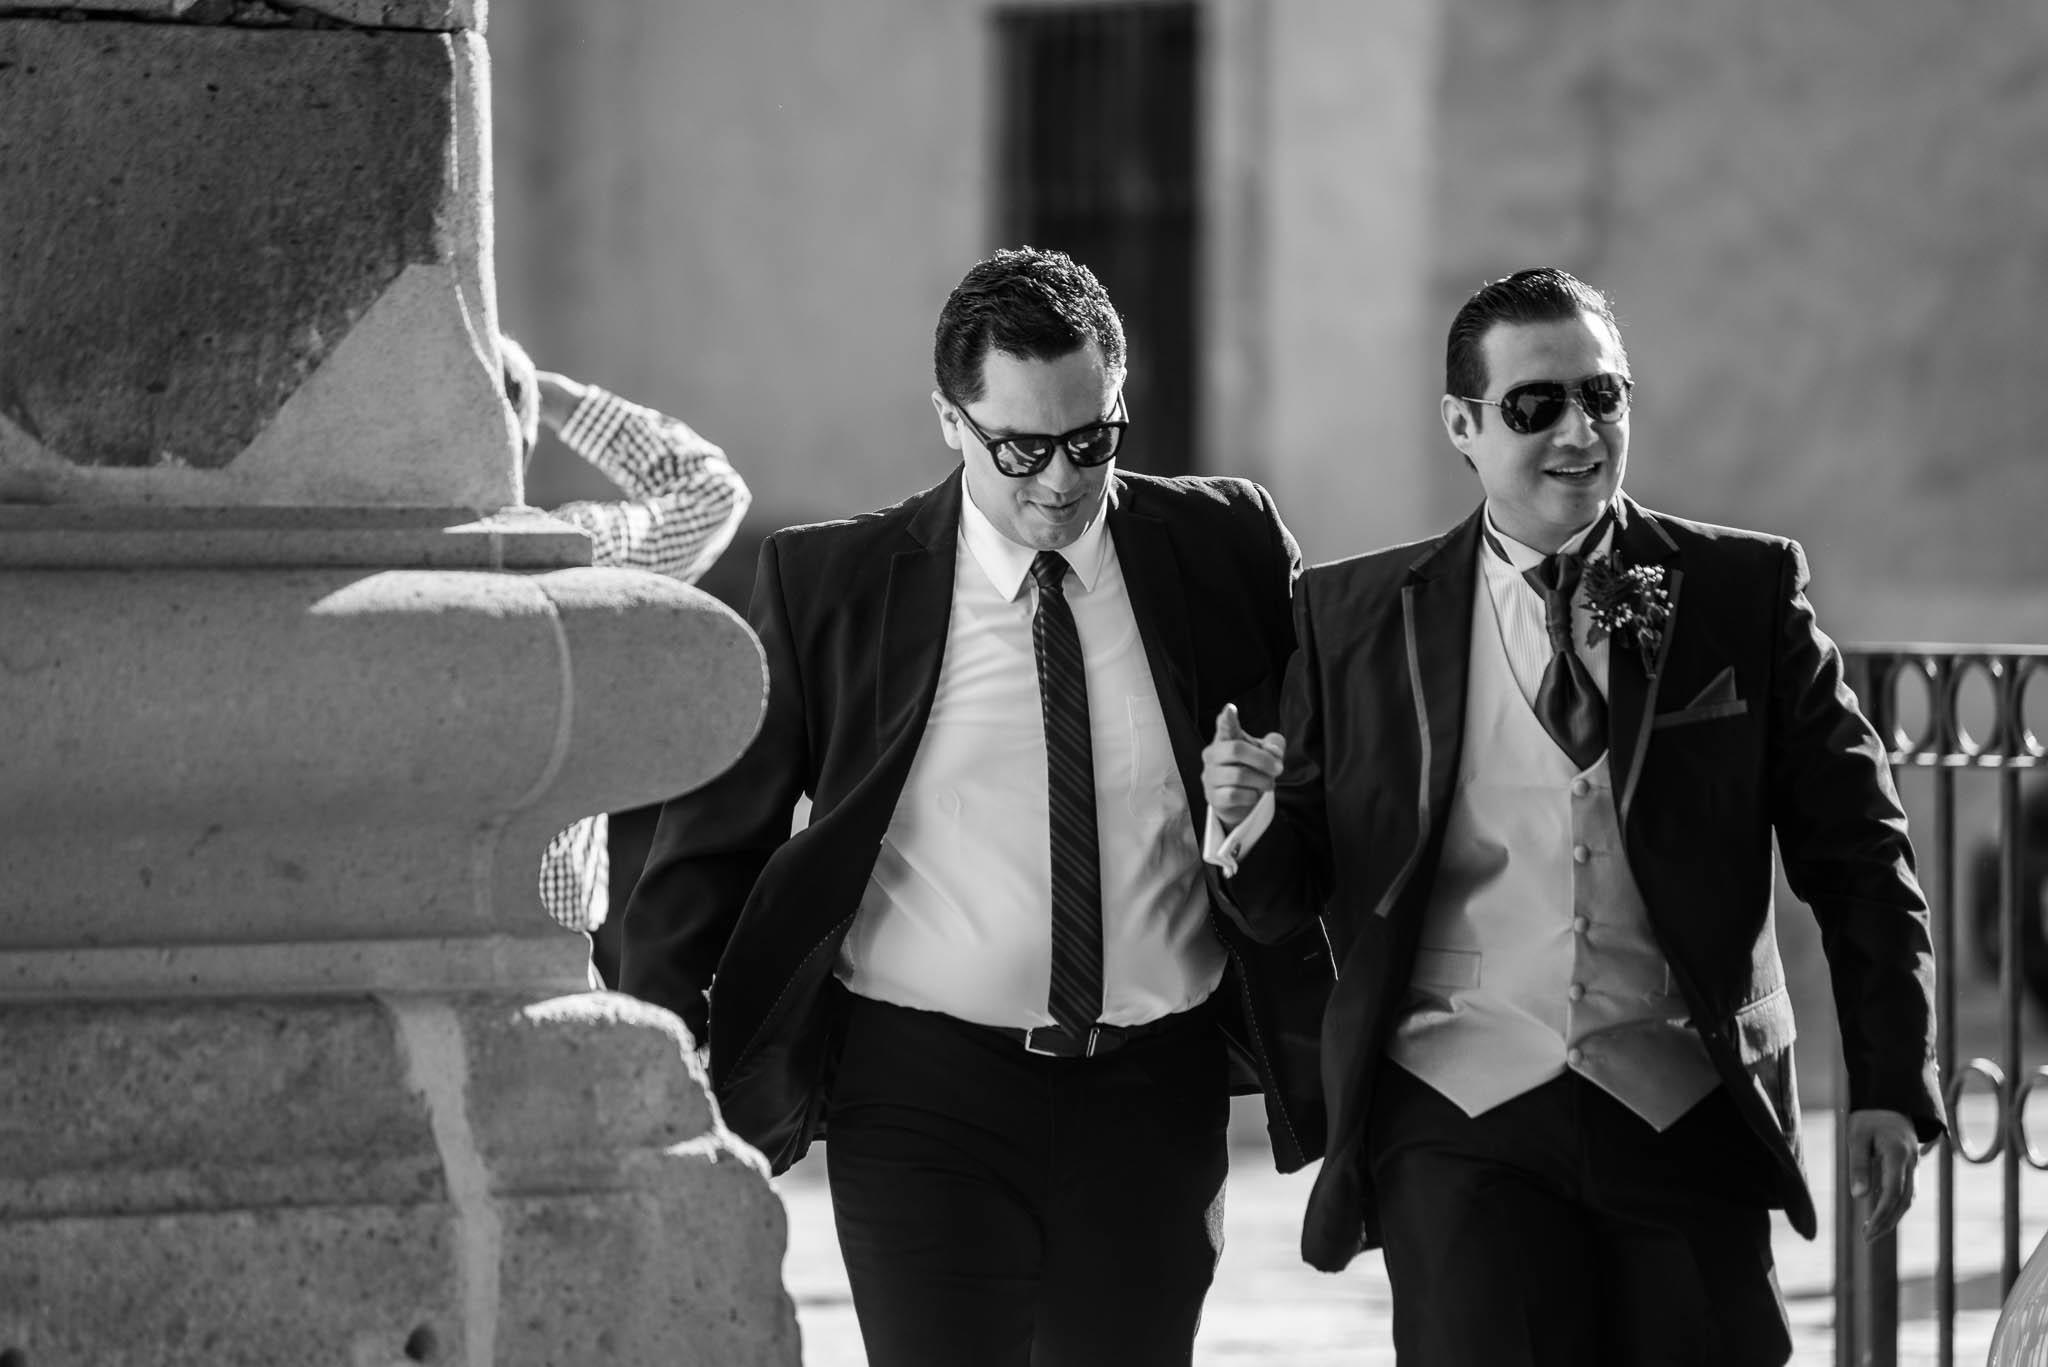 fotografo de bodas san luis potosi boda mexico wedding destination fotos de boda 64